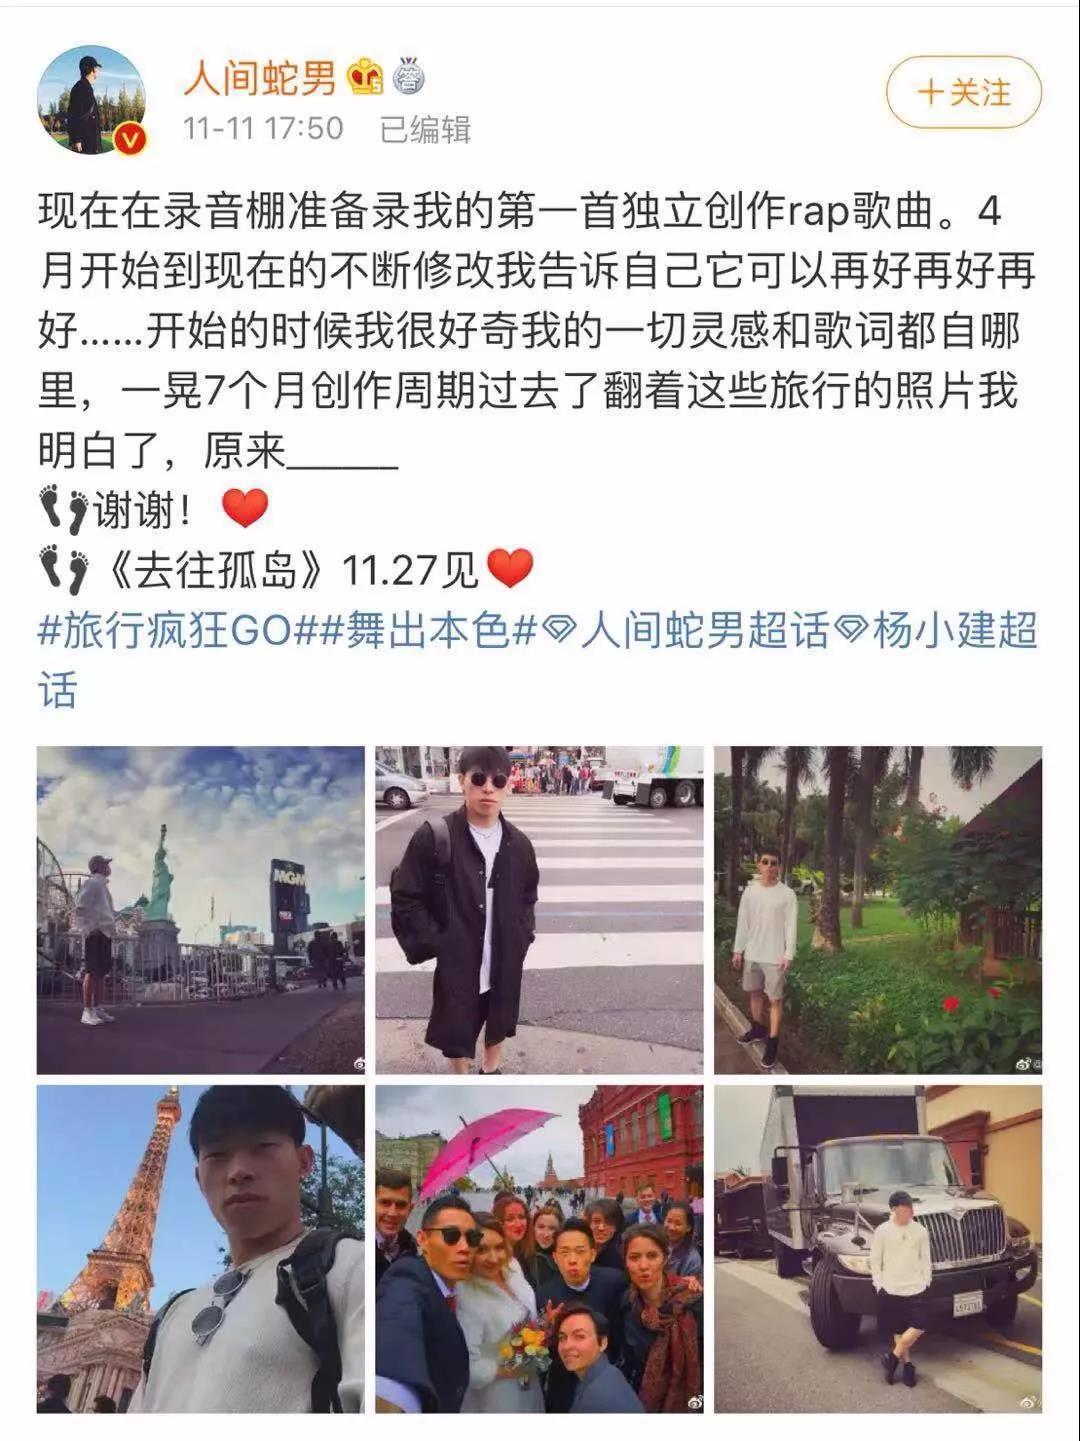 蛇男杨建透露正录制自己的第一首独立创作rap歌曲